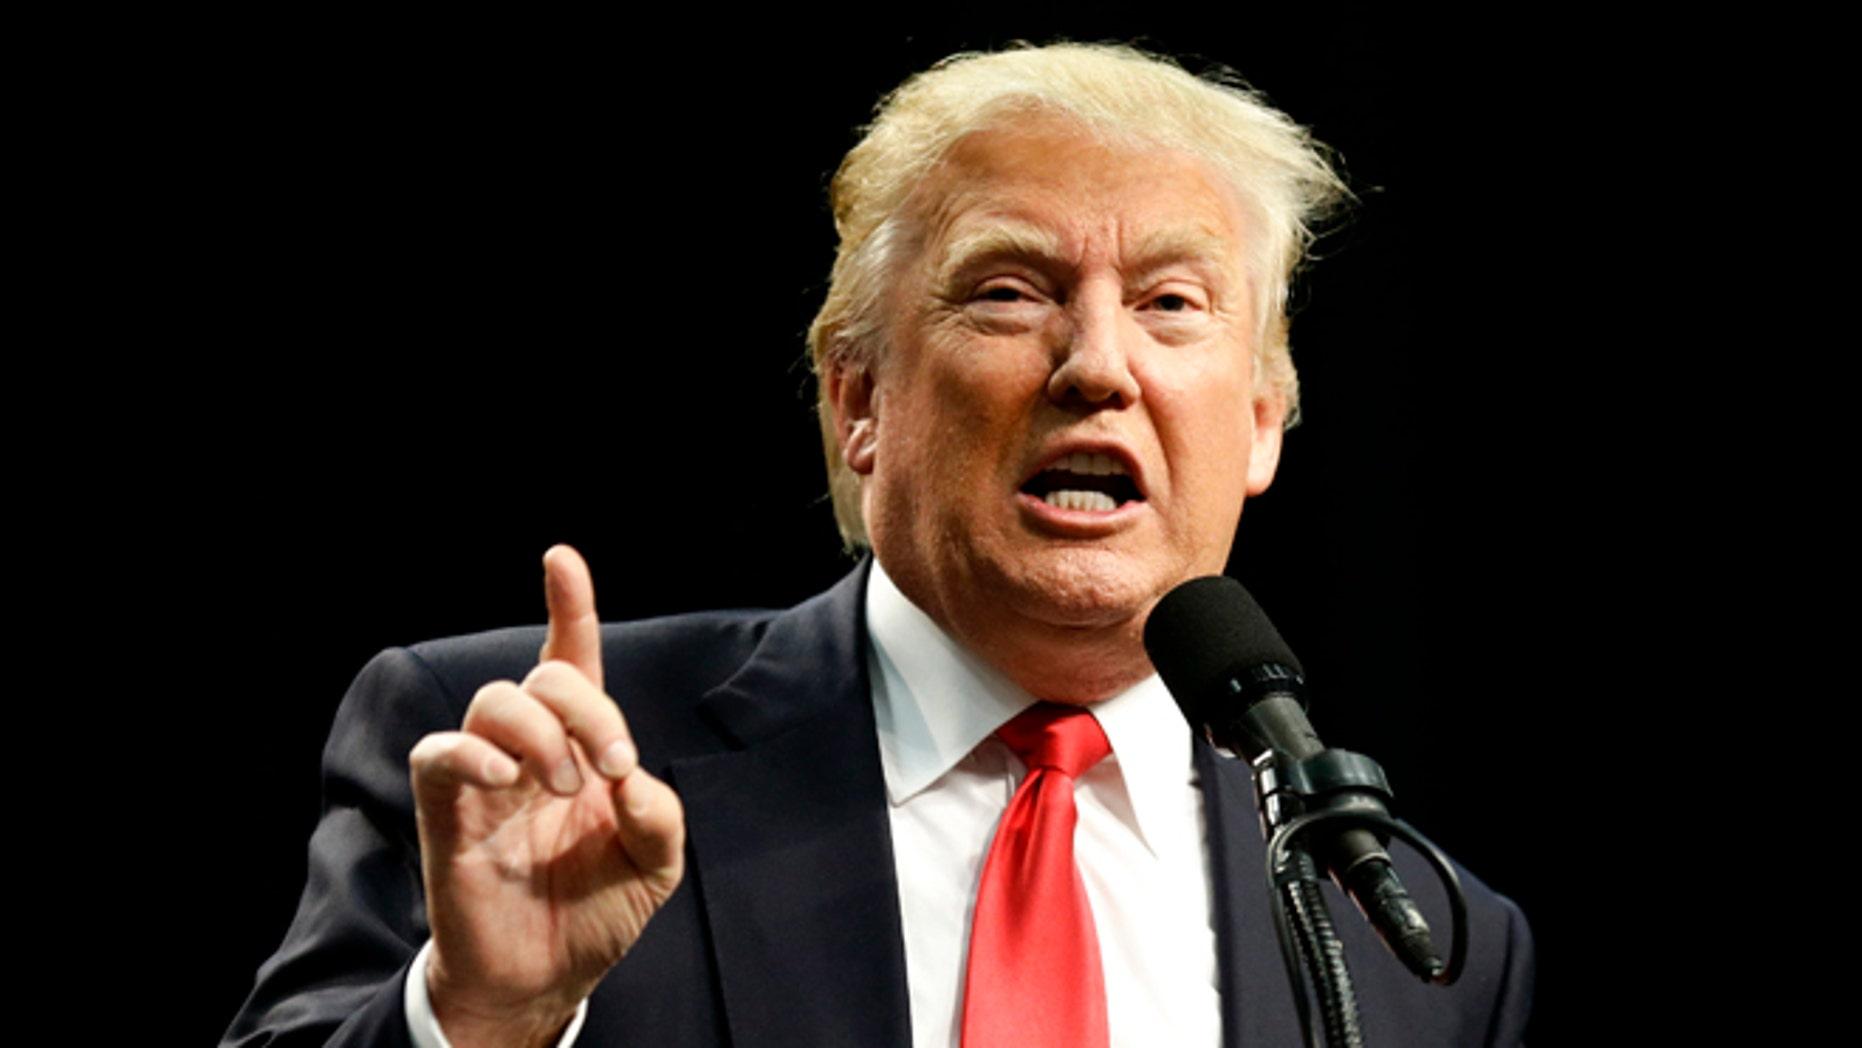 El virtual candidato republicano Donald Trump habla durante un mítin el viernes 27 de mayo de 2016 en San Diego. Un juez federal ordenó el viernes dar a conocer los documentos internos de la Universidad Trump en una demanda colectiva contra la ahora difunta escuela de bienes raíces que era propiedad de Trump. (Foto AP/Chris Carlson)